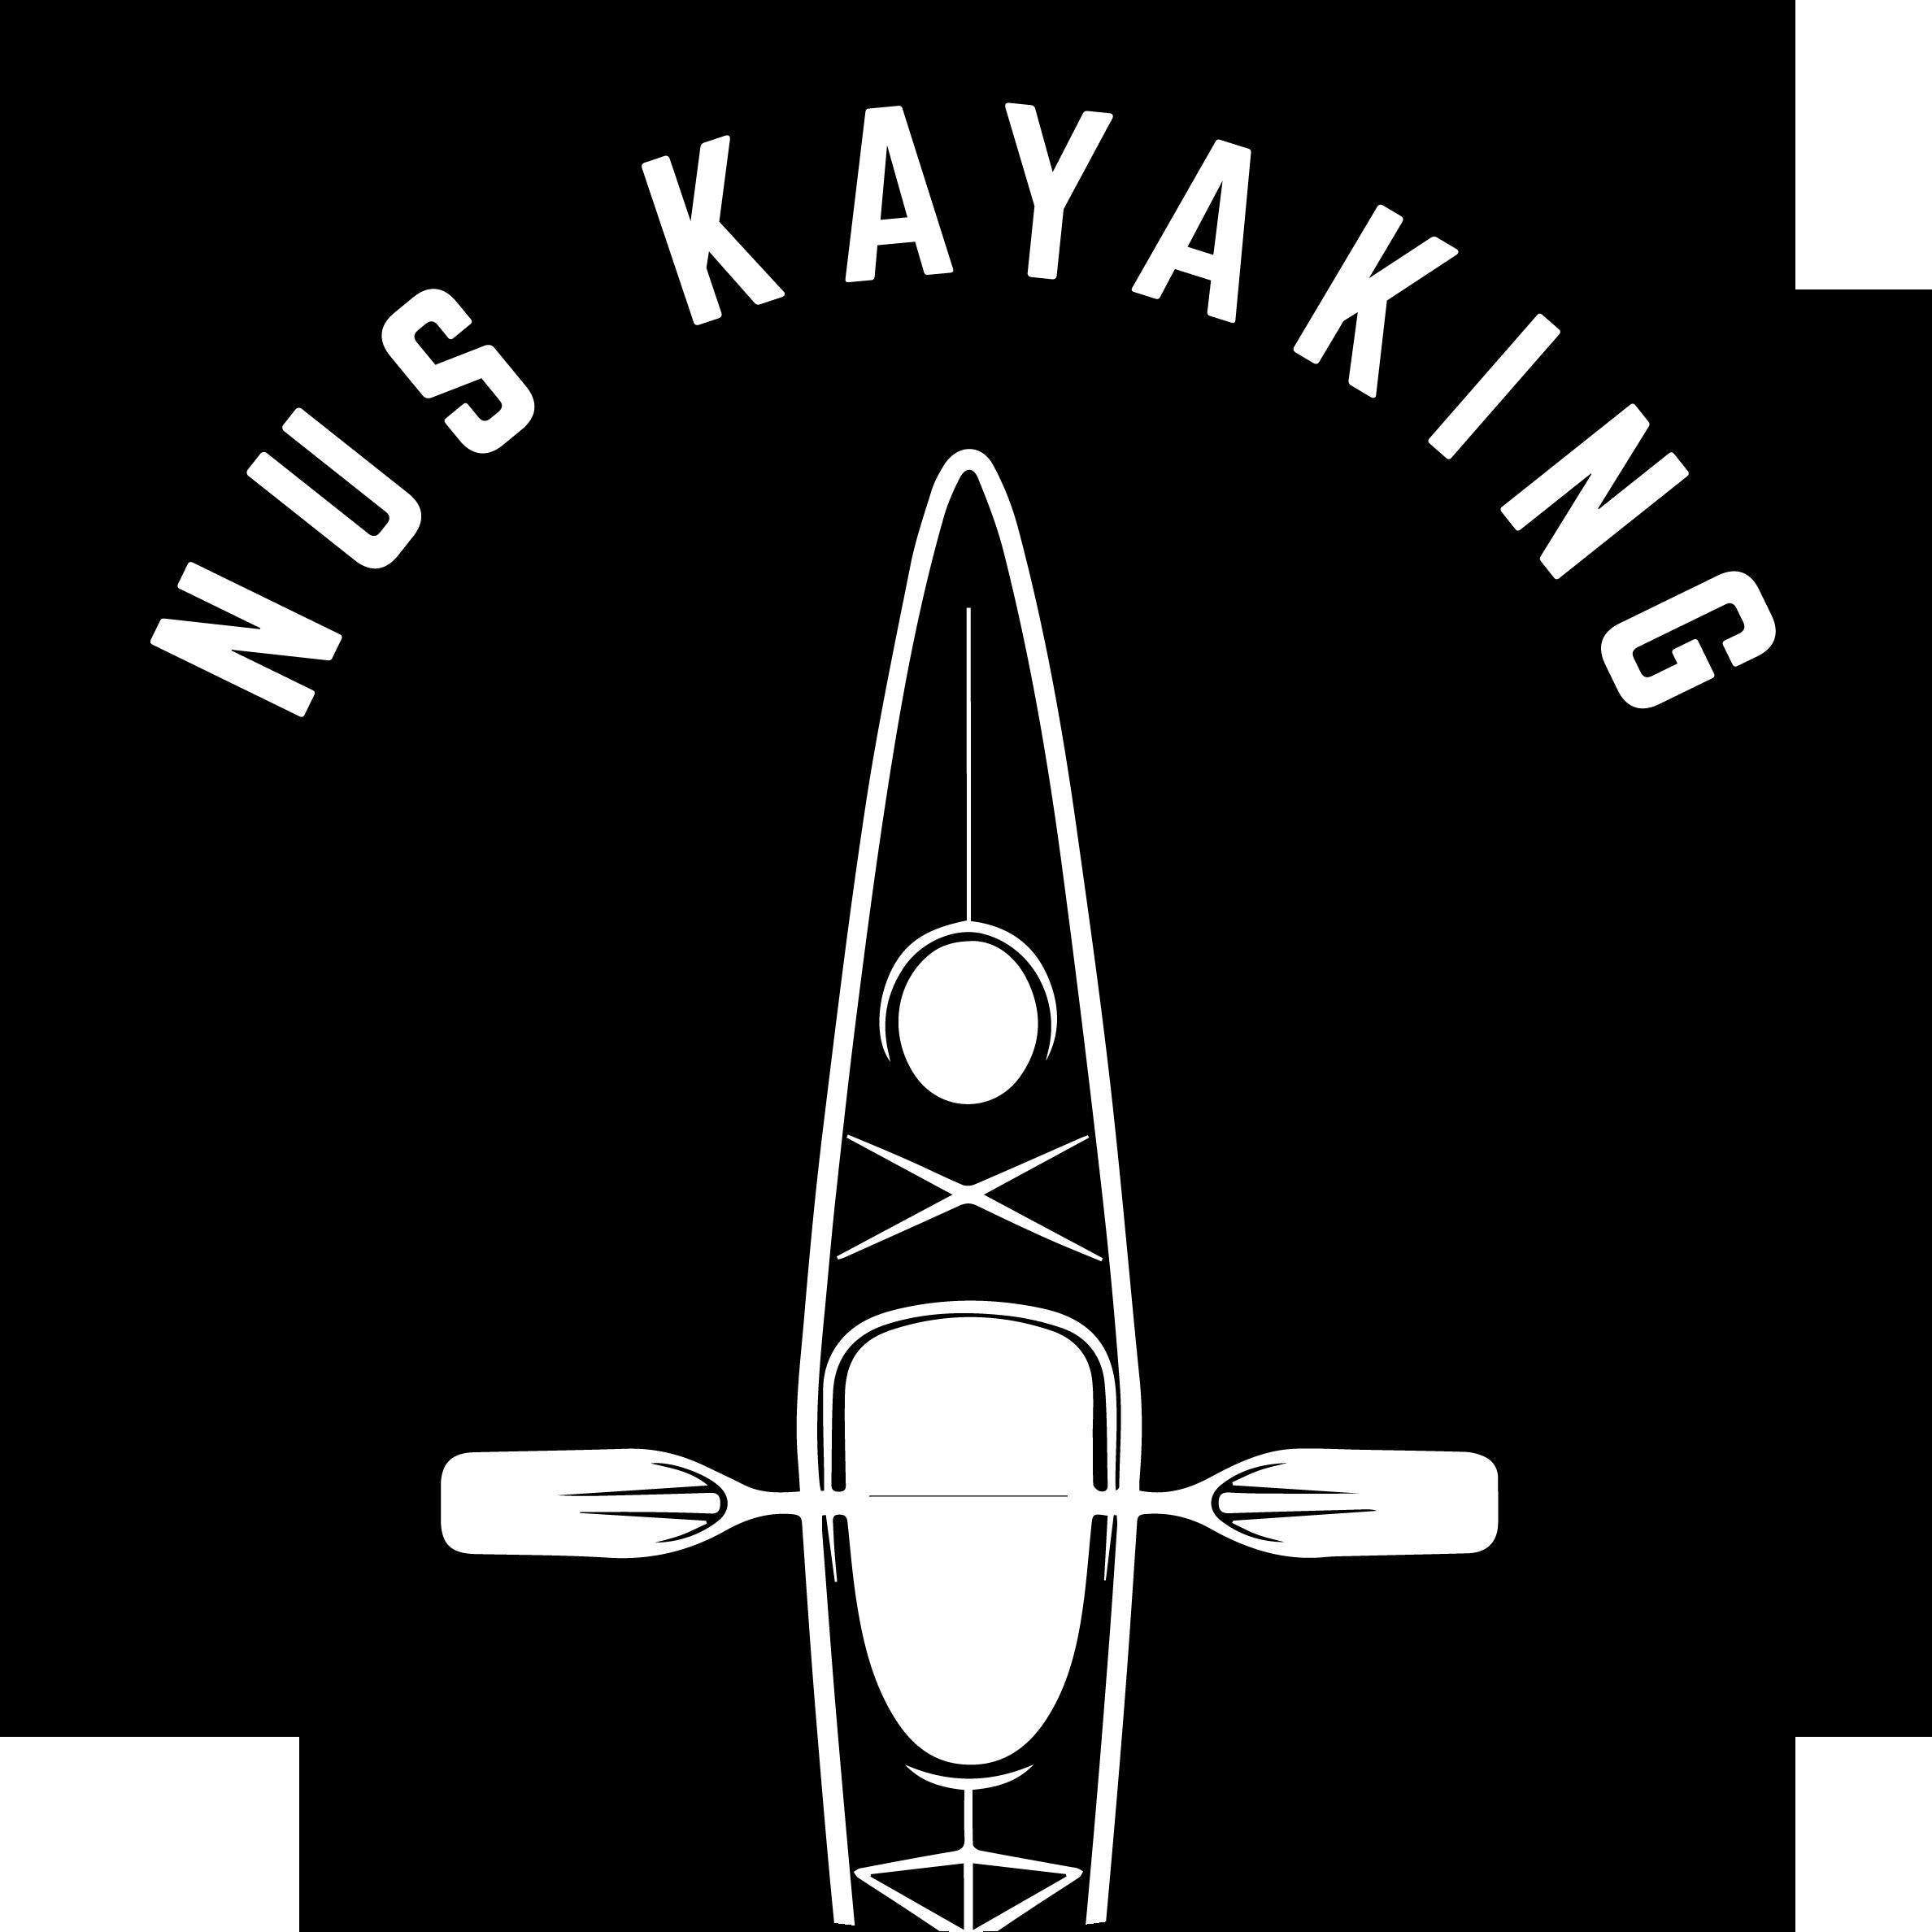 NUS Kayaking